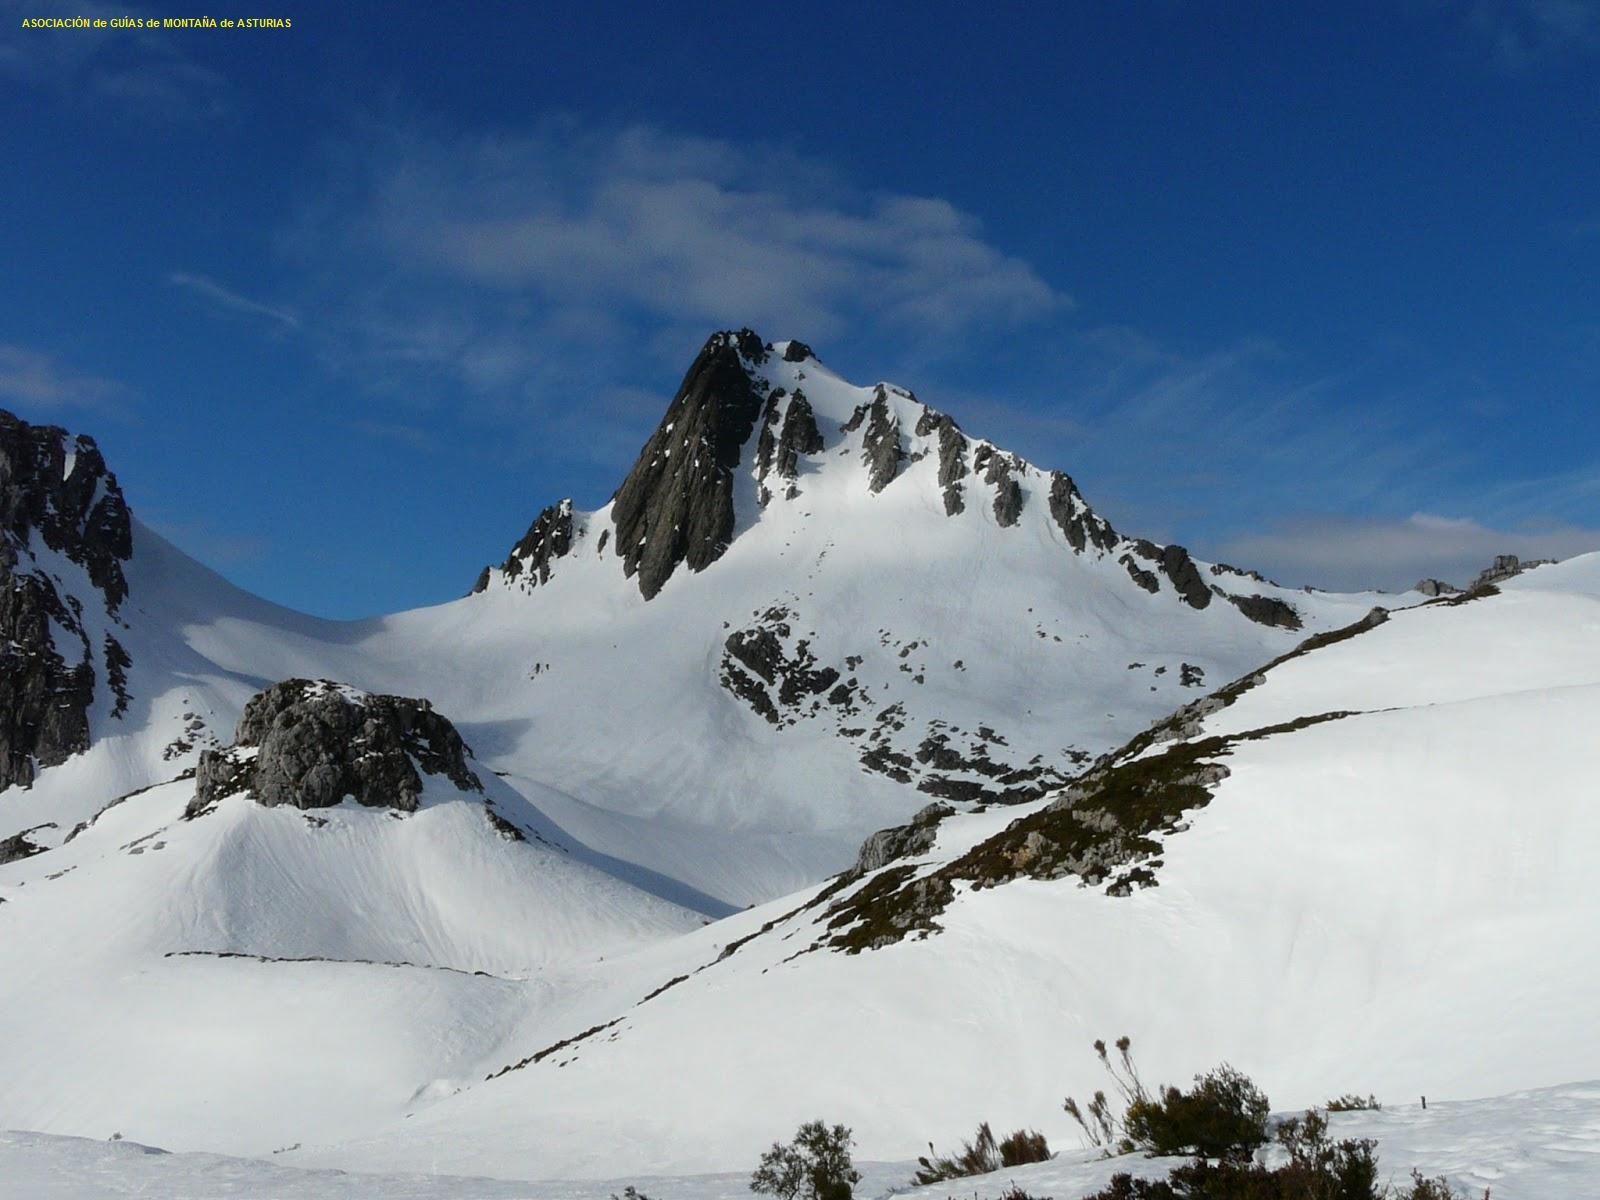 Ascensión guiada al pico Torres